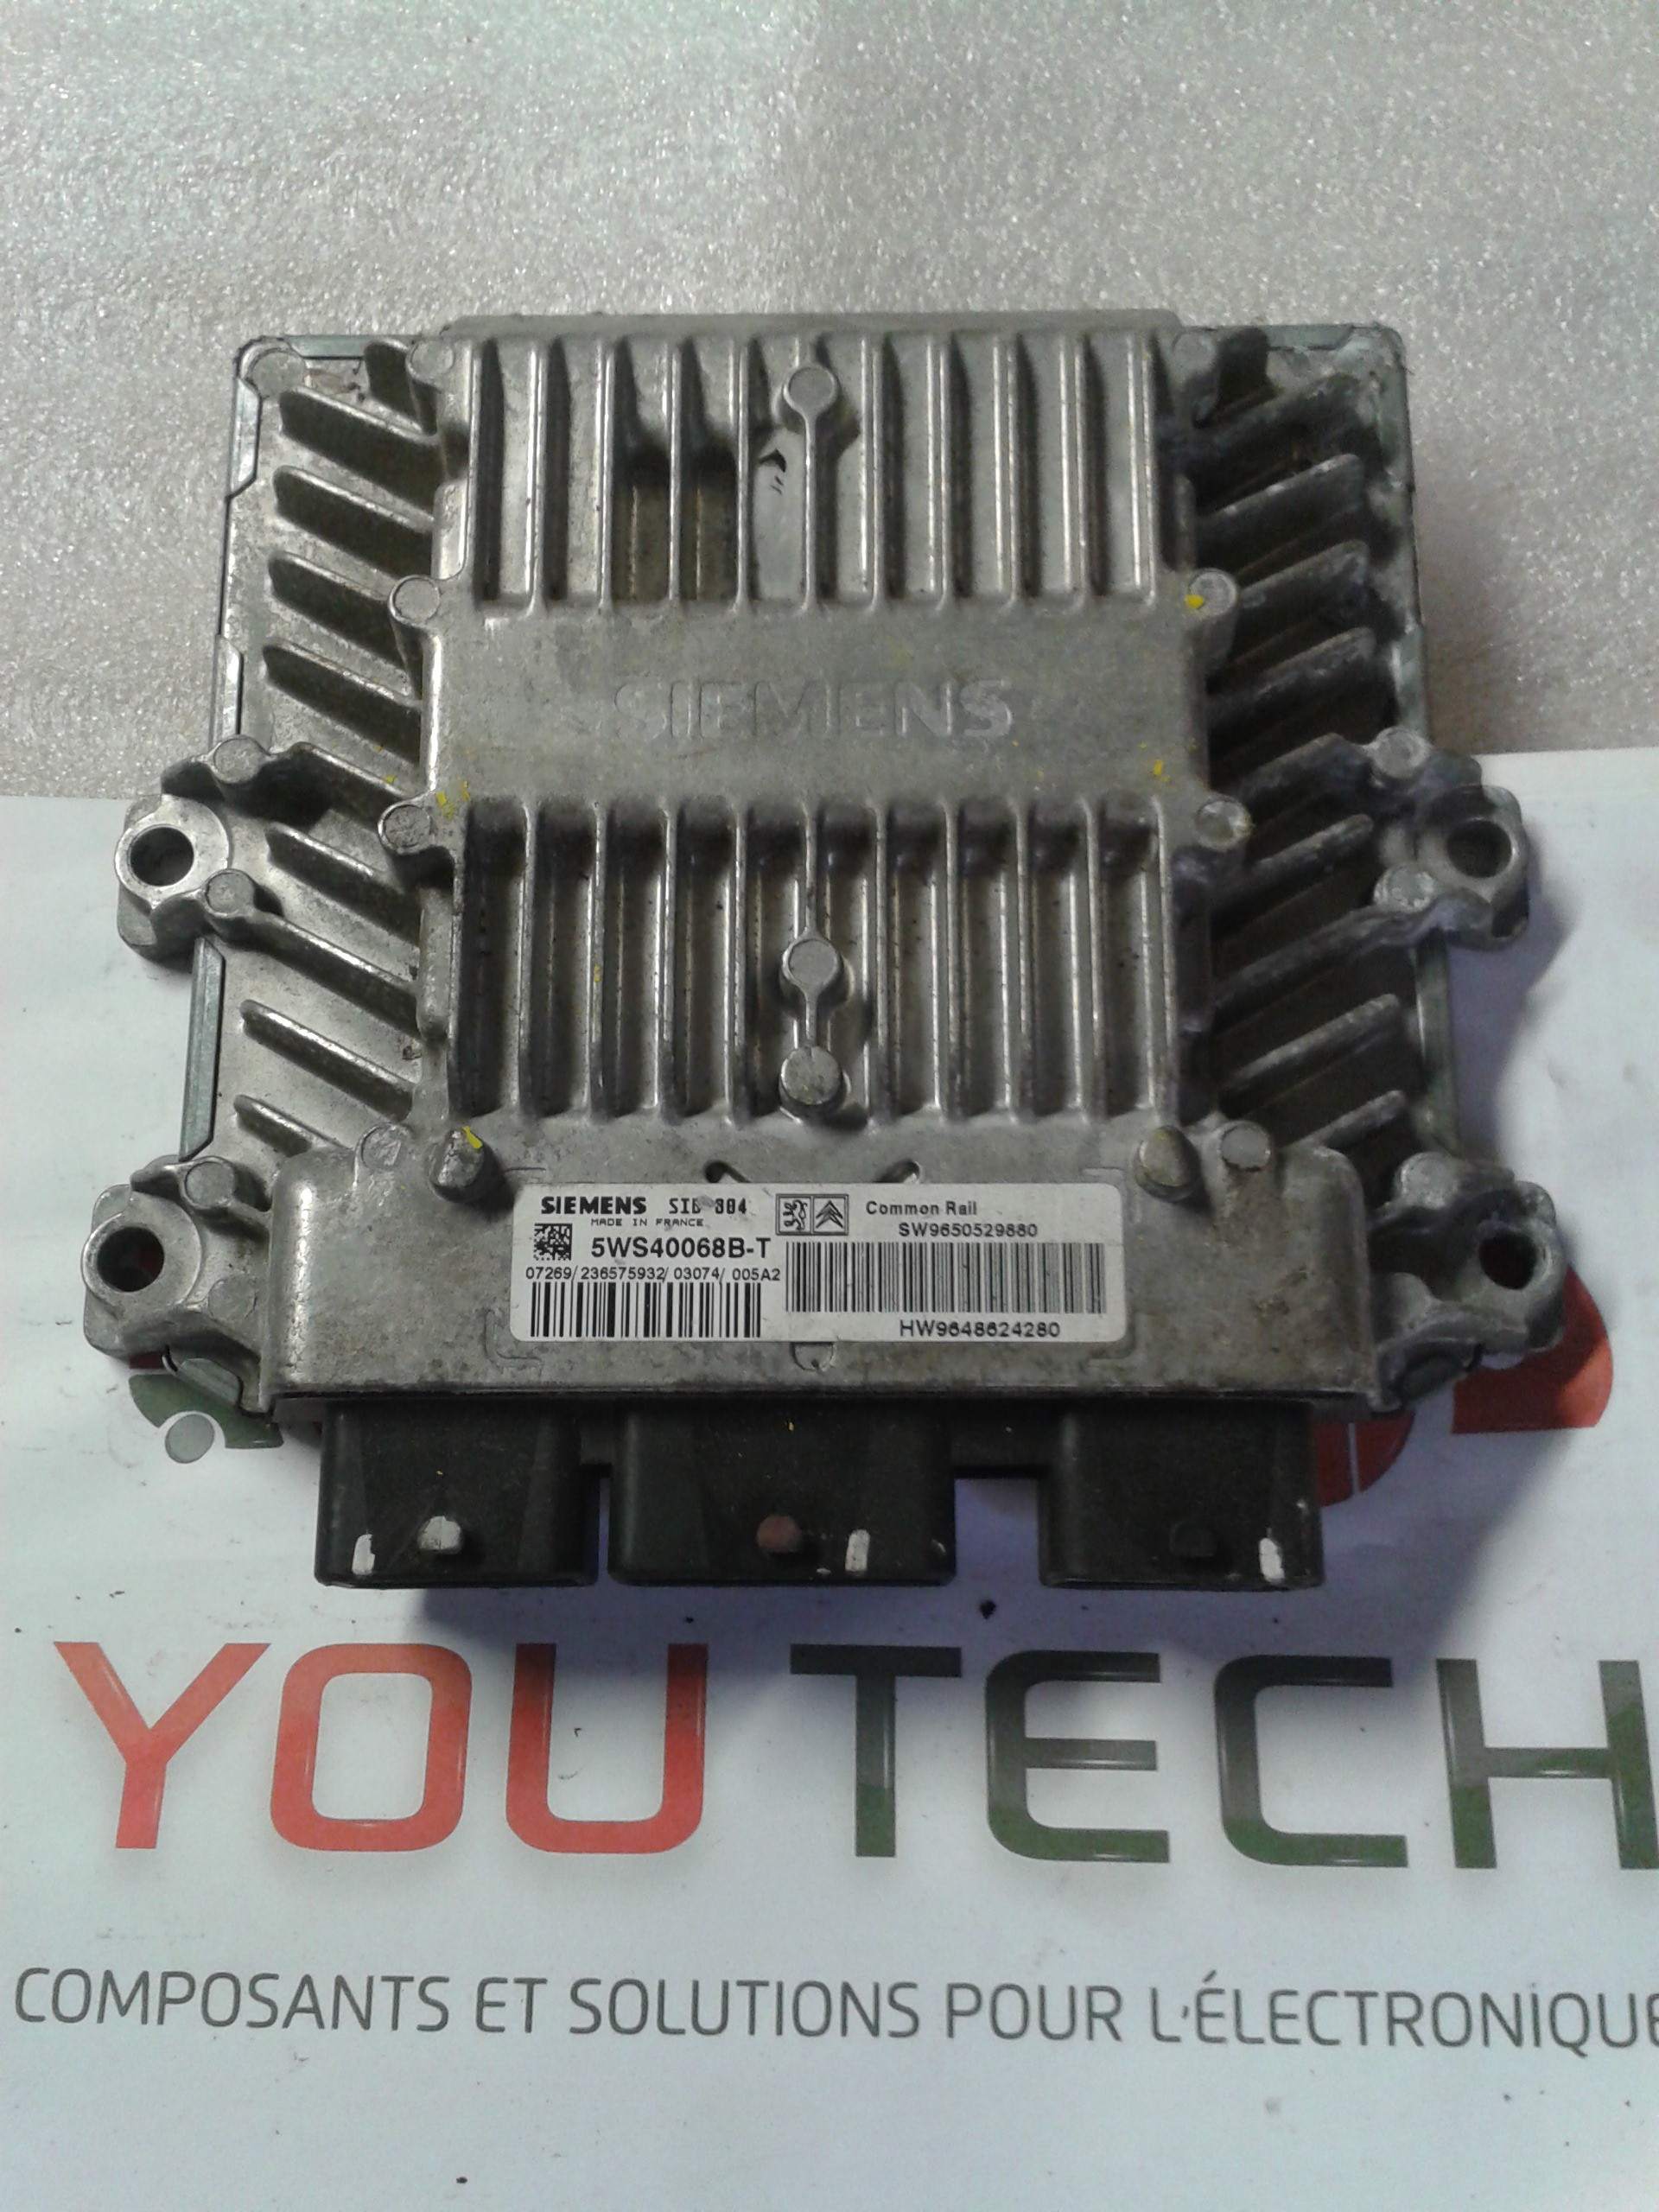 Siemens 5WS40068B-T